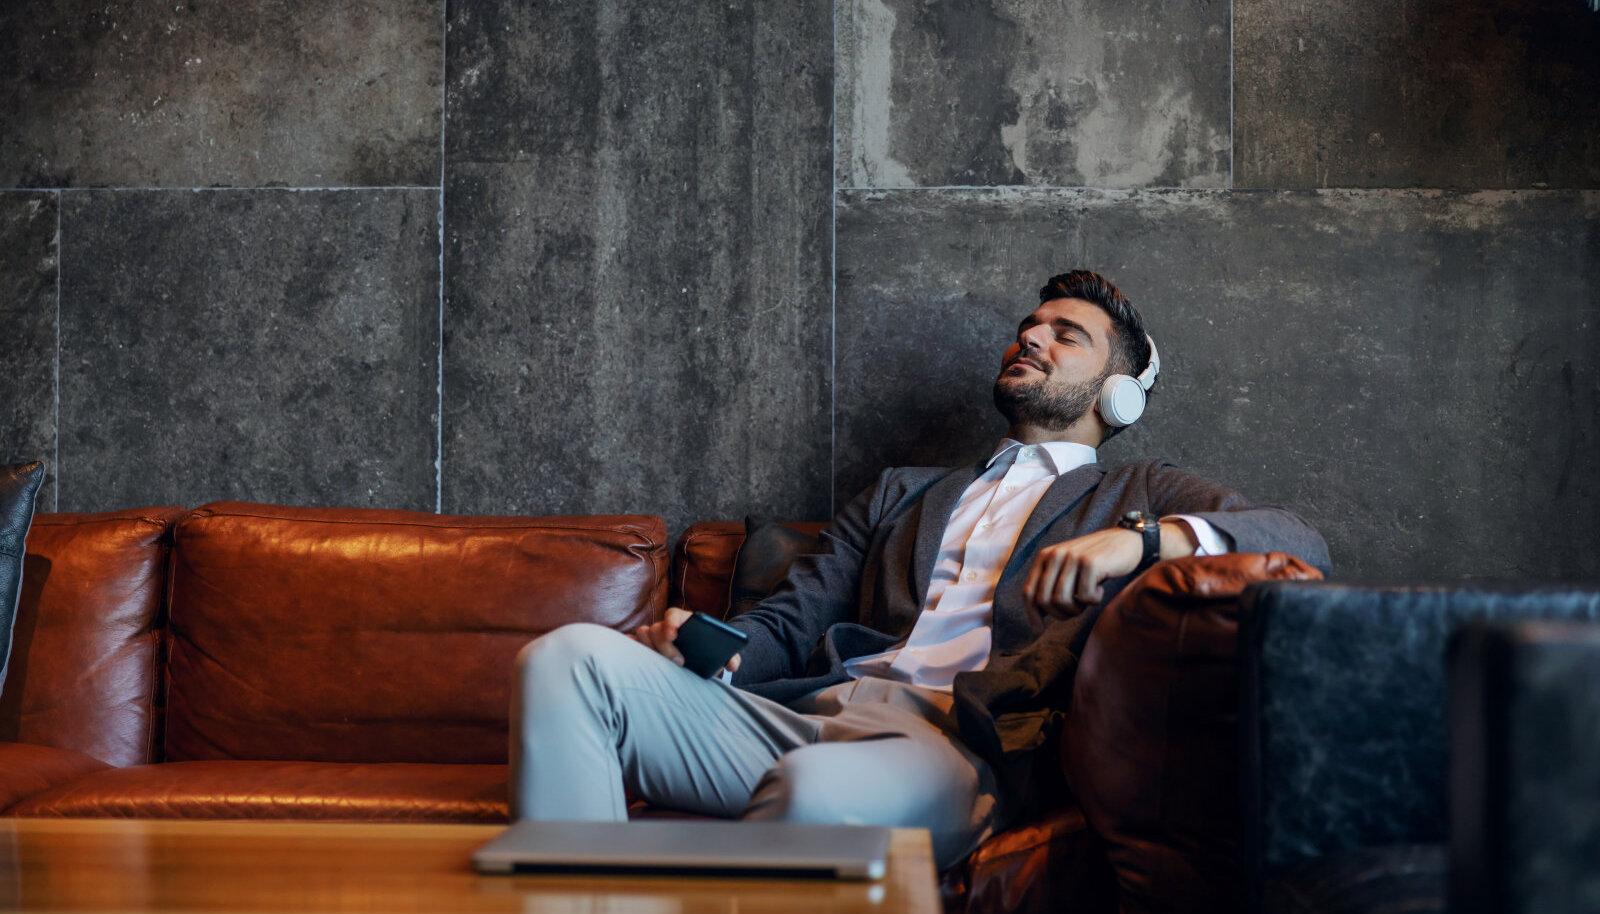 Tööandja ülesanne on läbi mõtelda, kuidas ruumi ohutult kasutada